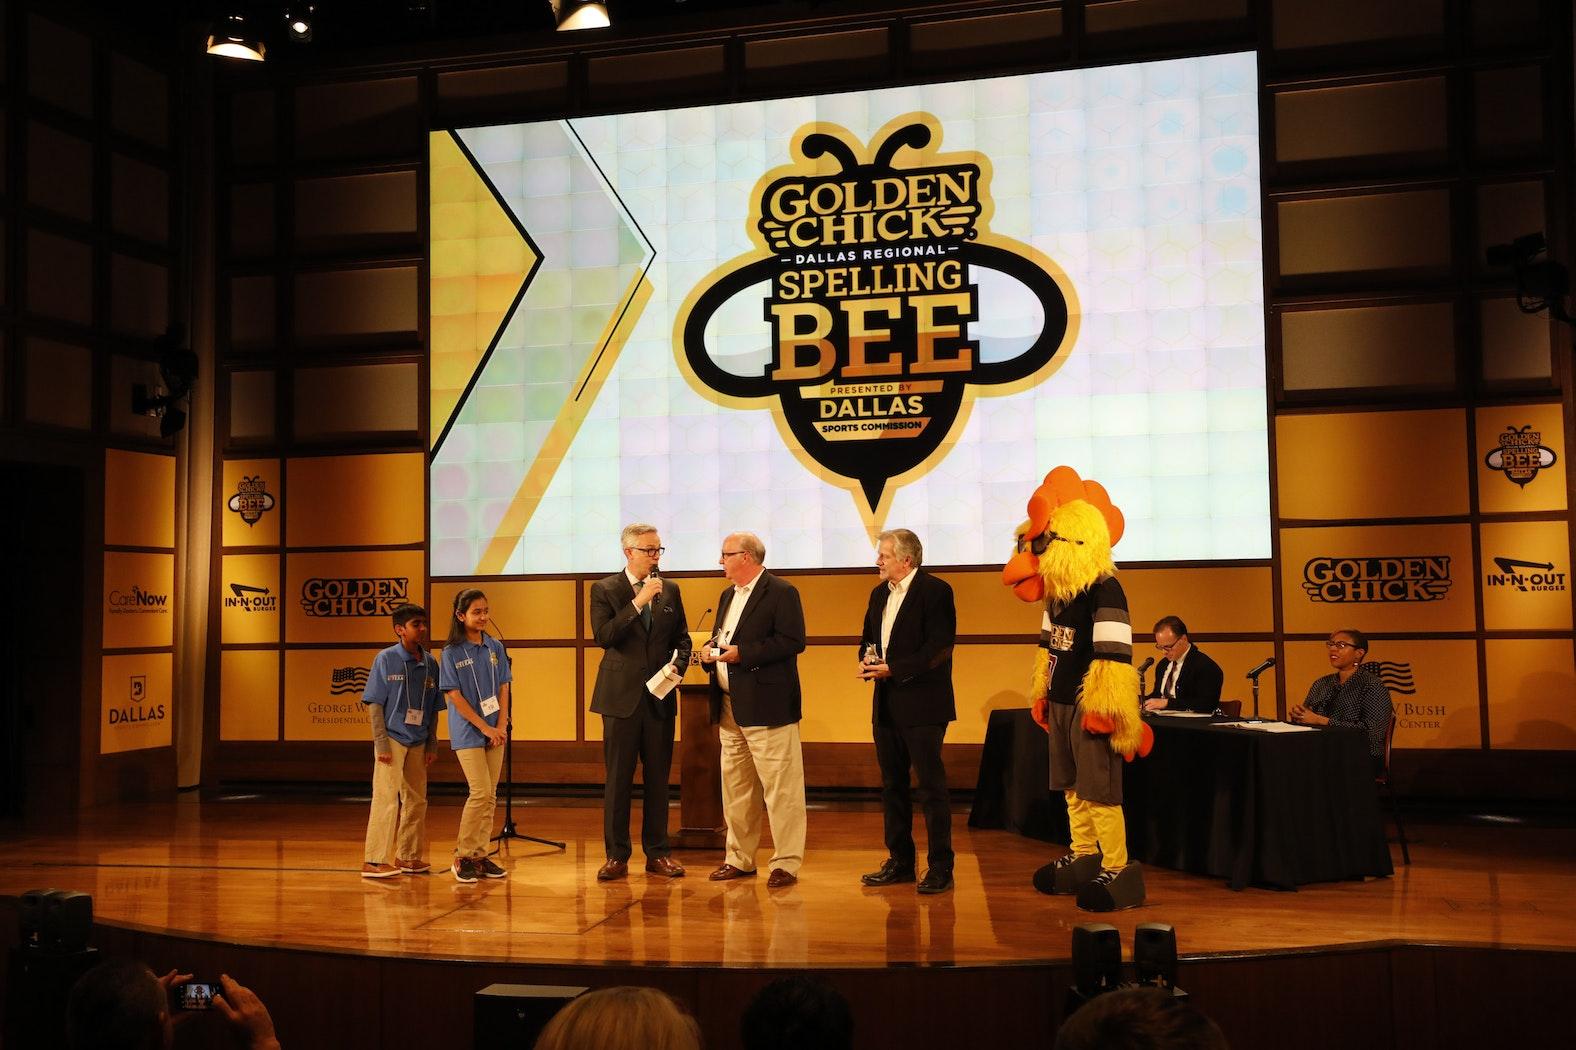 5 For 5: Spelling Bee Tie